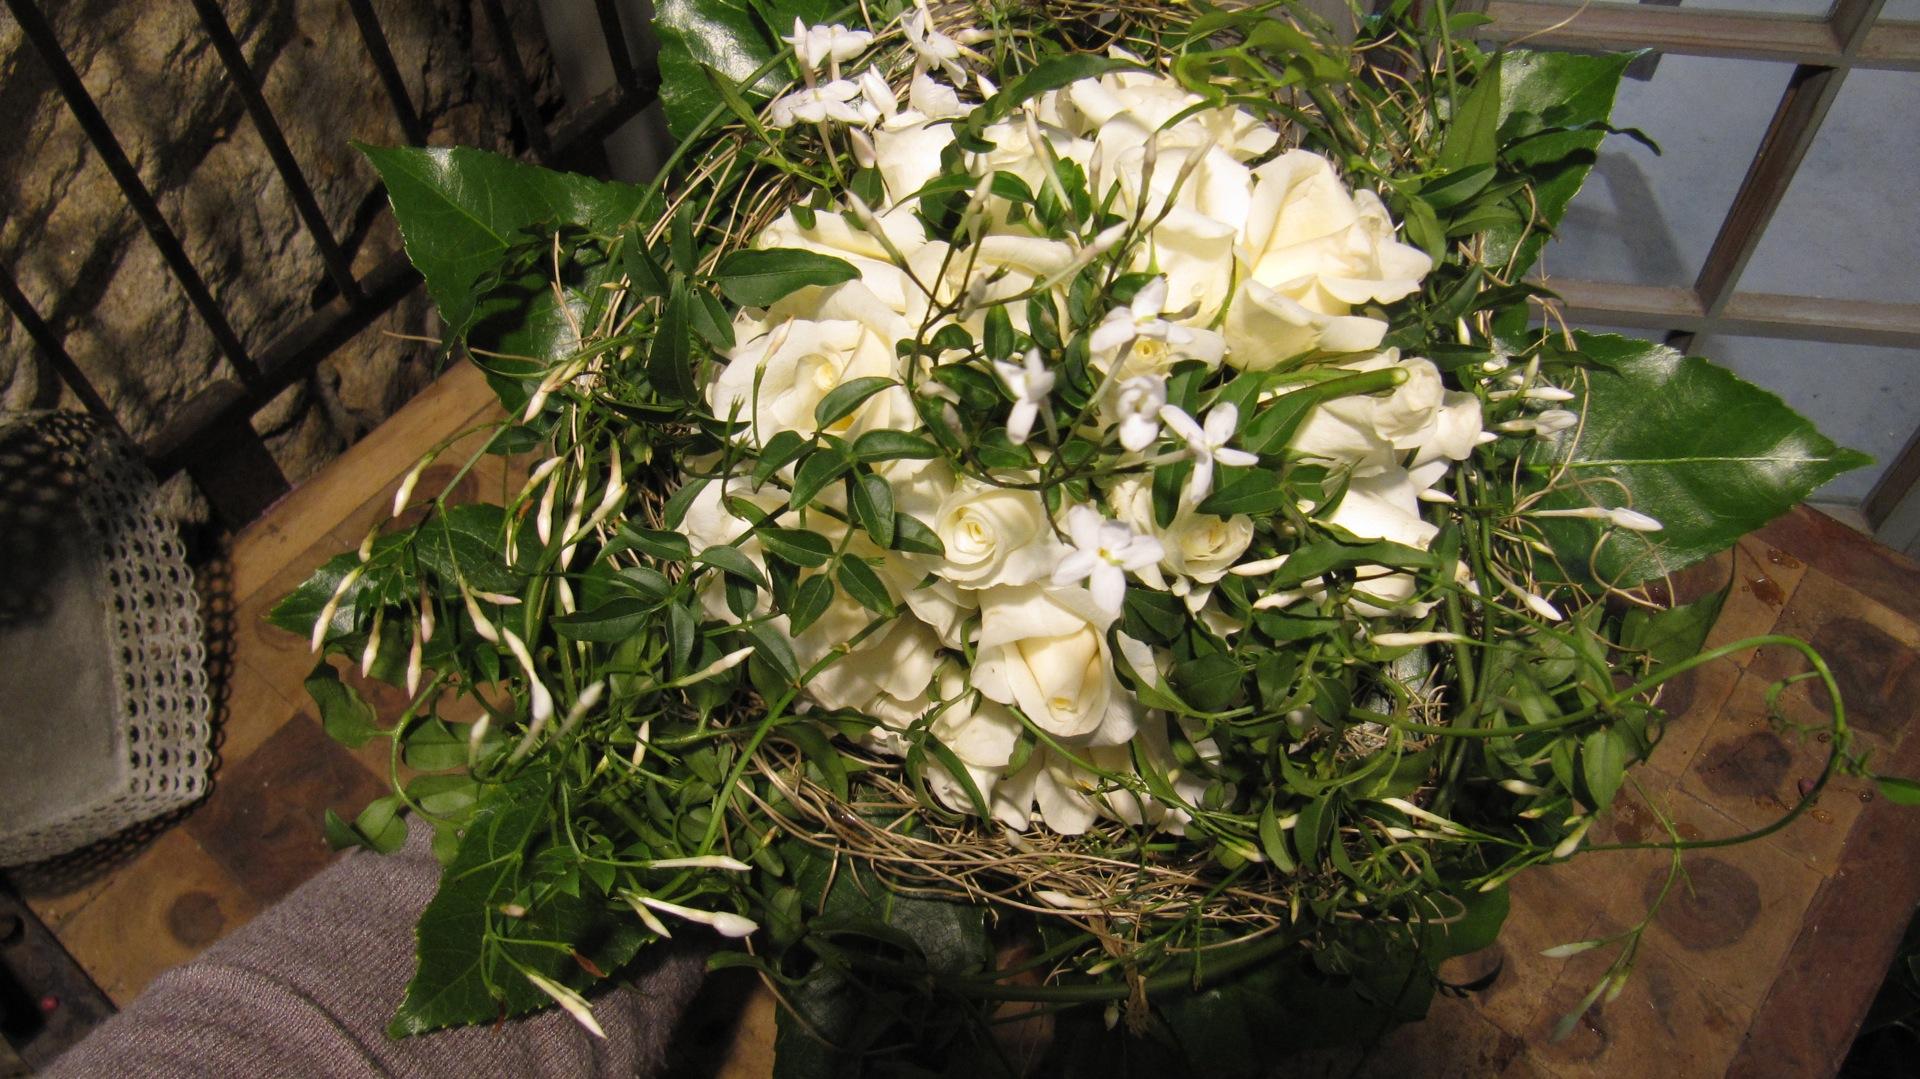 Bouquet de roses blanches (BN-2)